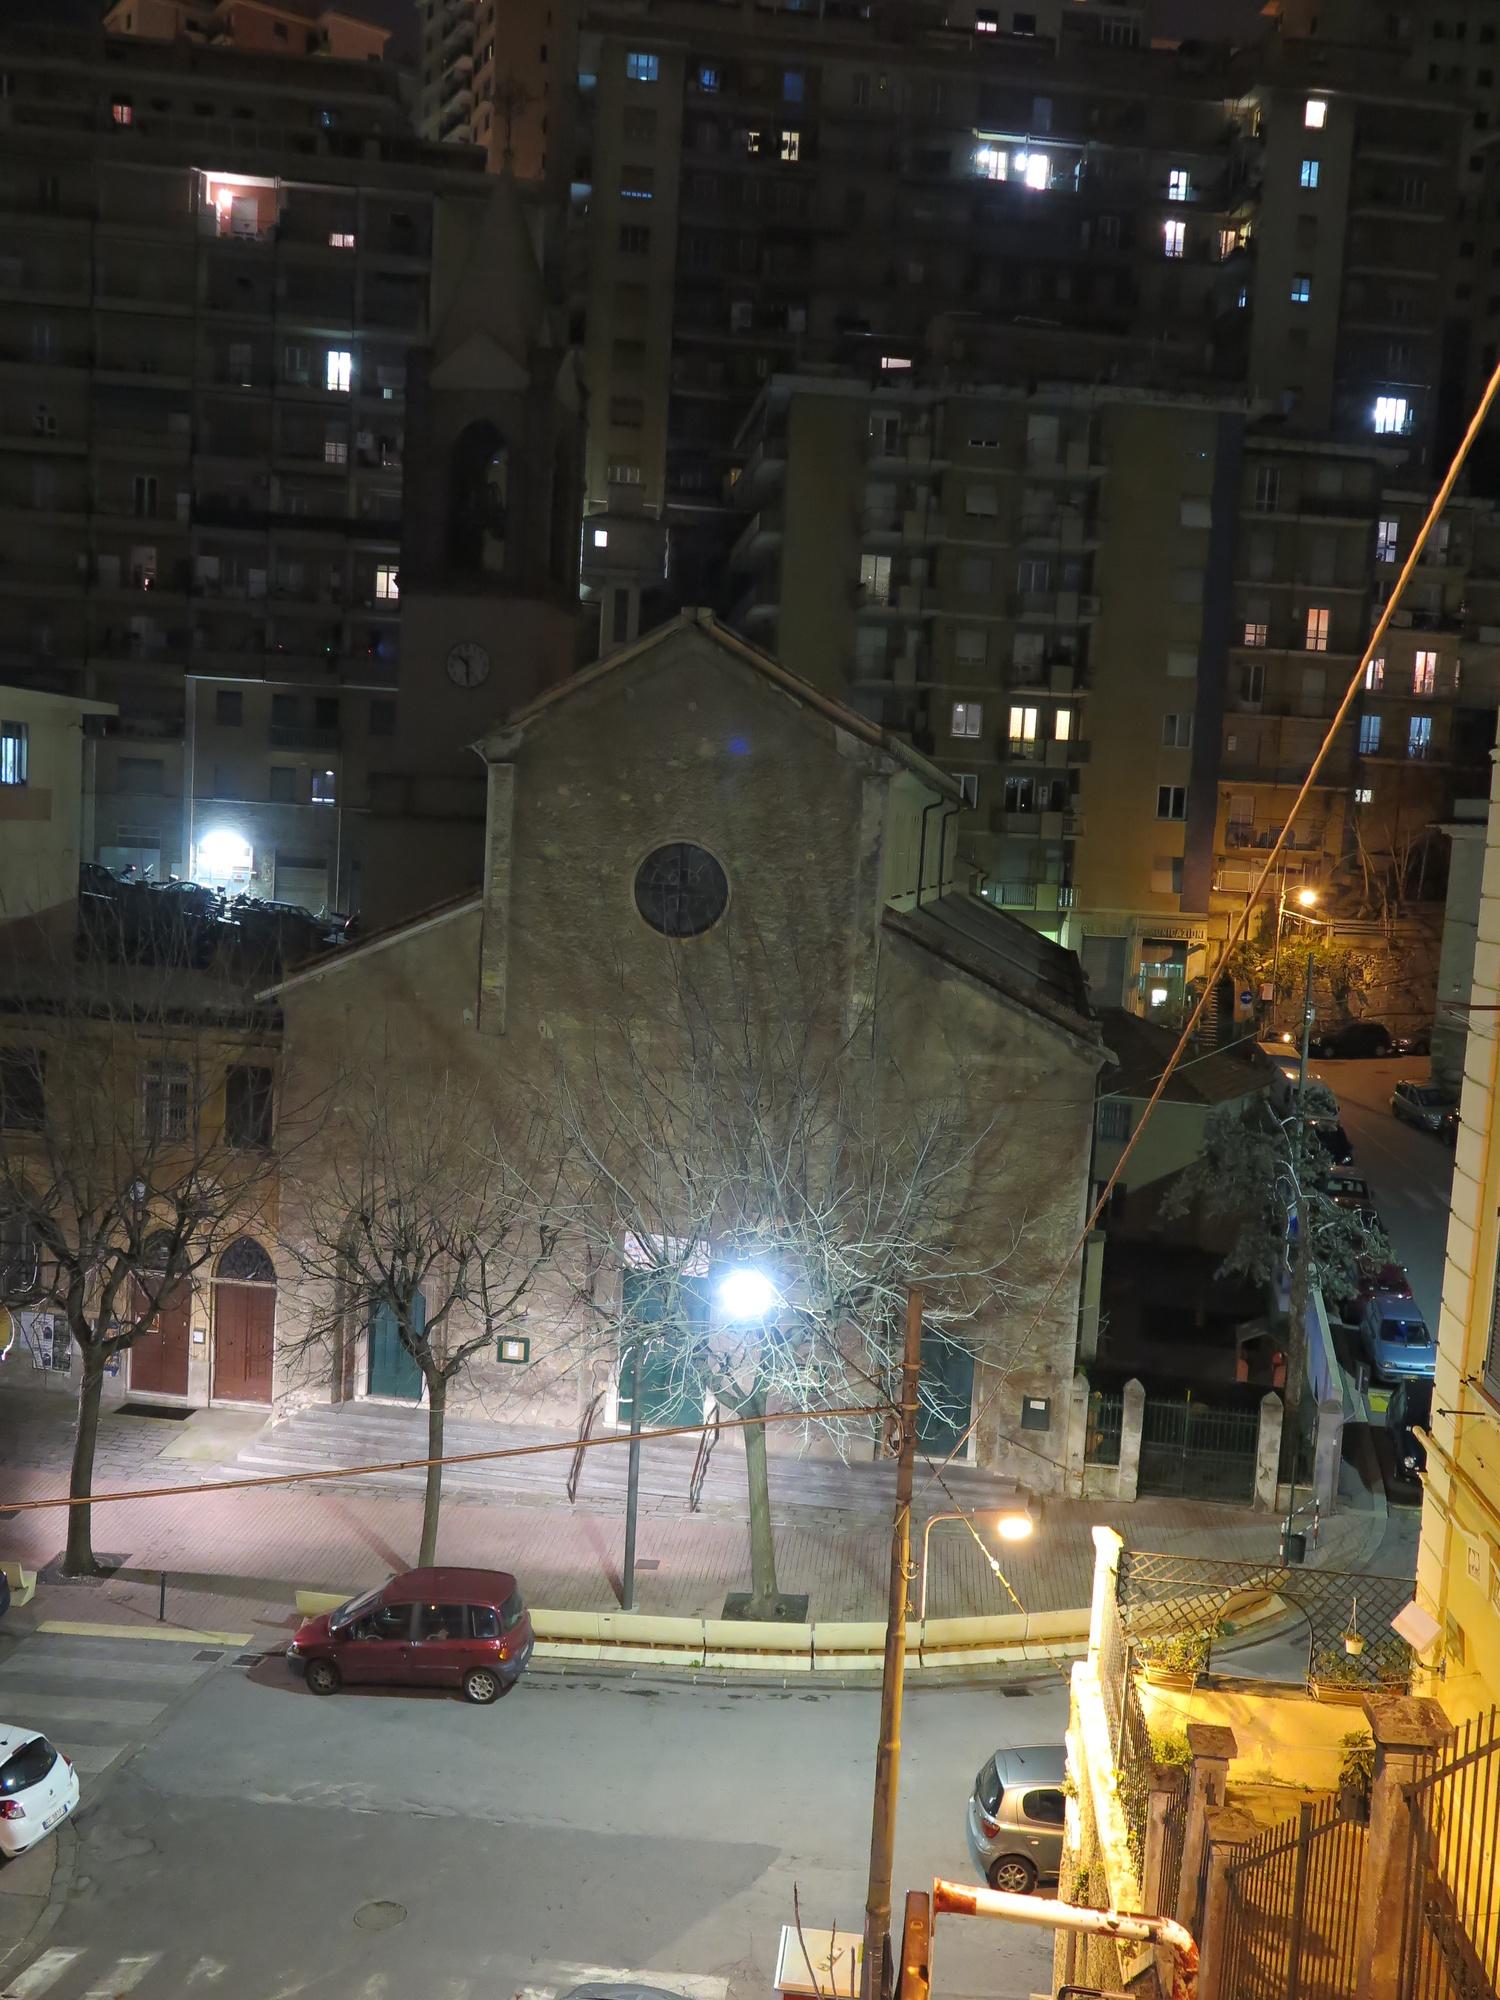 chiesa-esterno-notte-2016-03-07-22-30-27